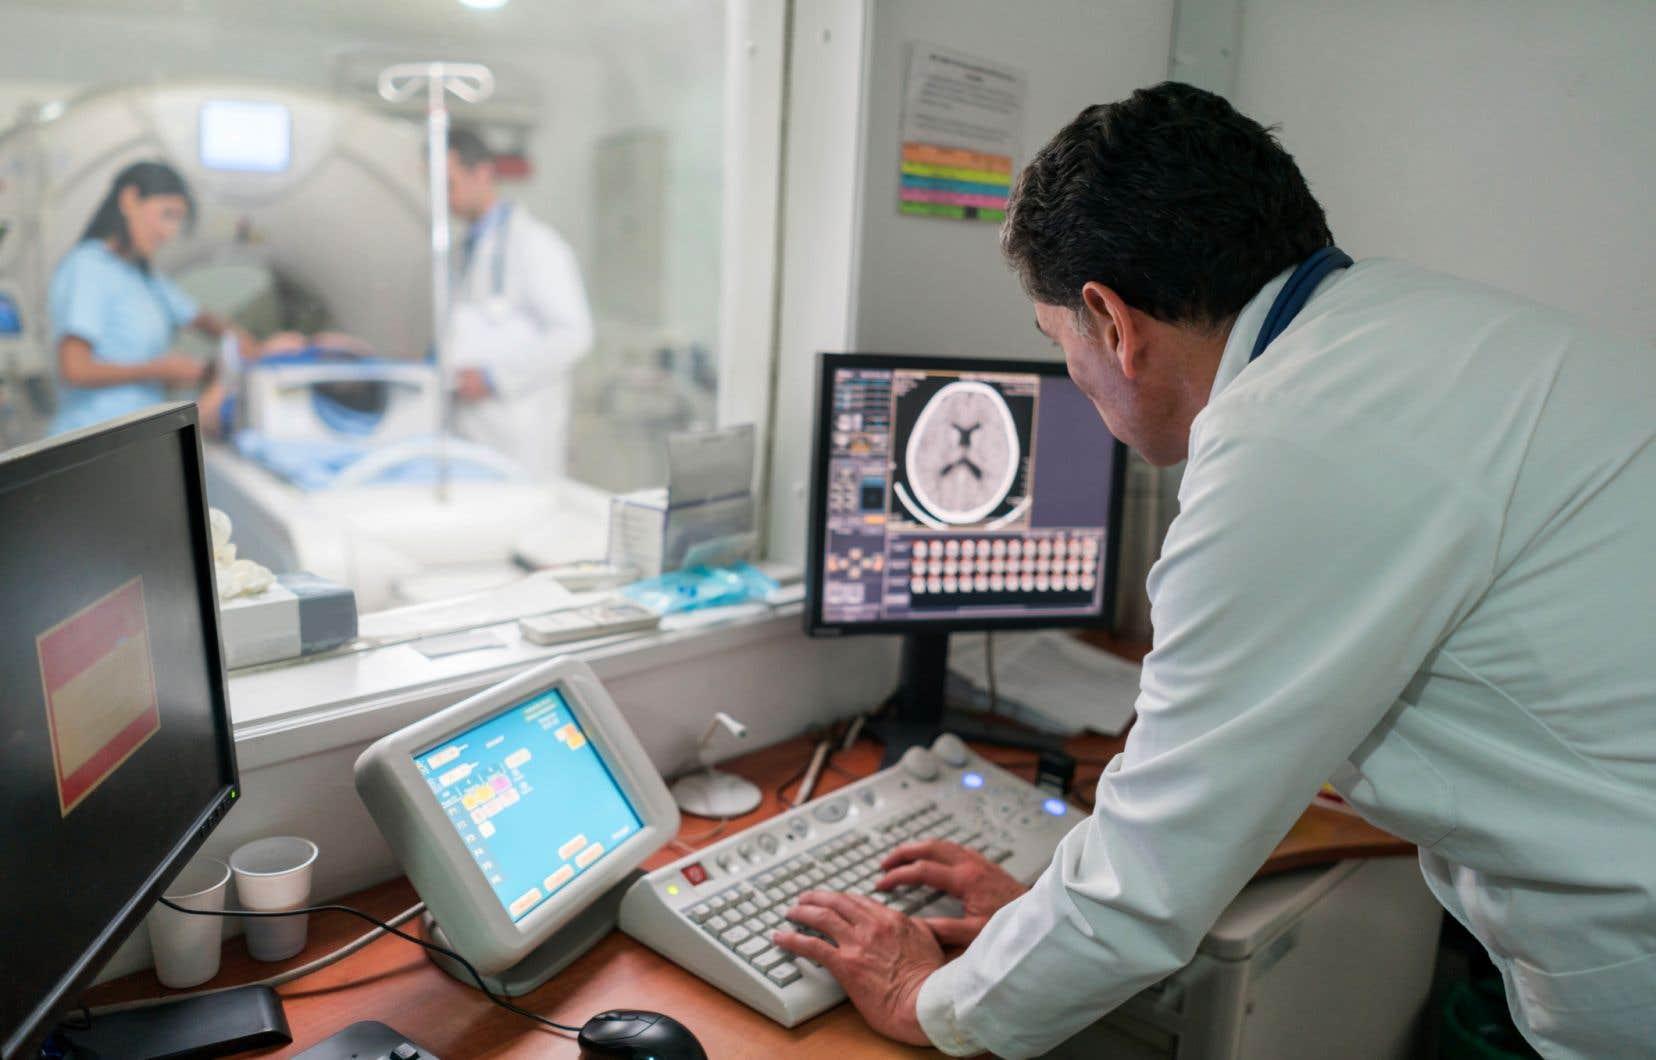 Le temps d'attente moyen pour une imagerie de résonance magnétique dépasse 90 jours dans 36% des cas.